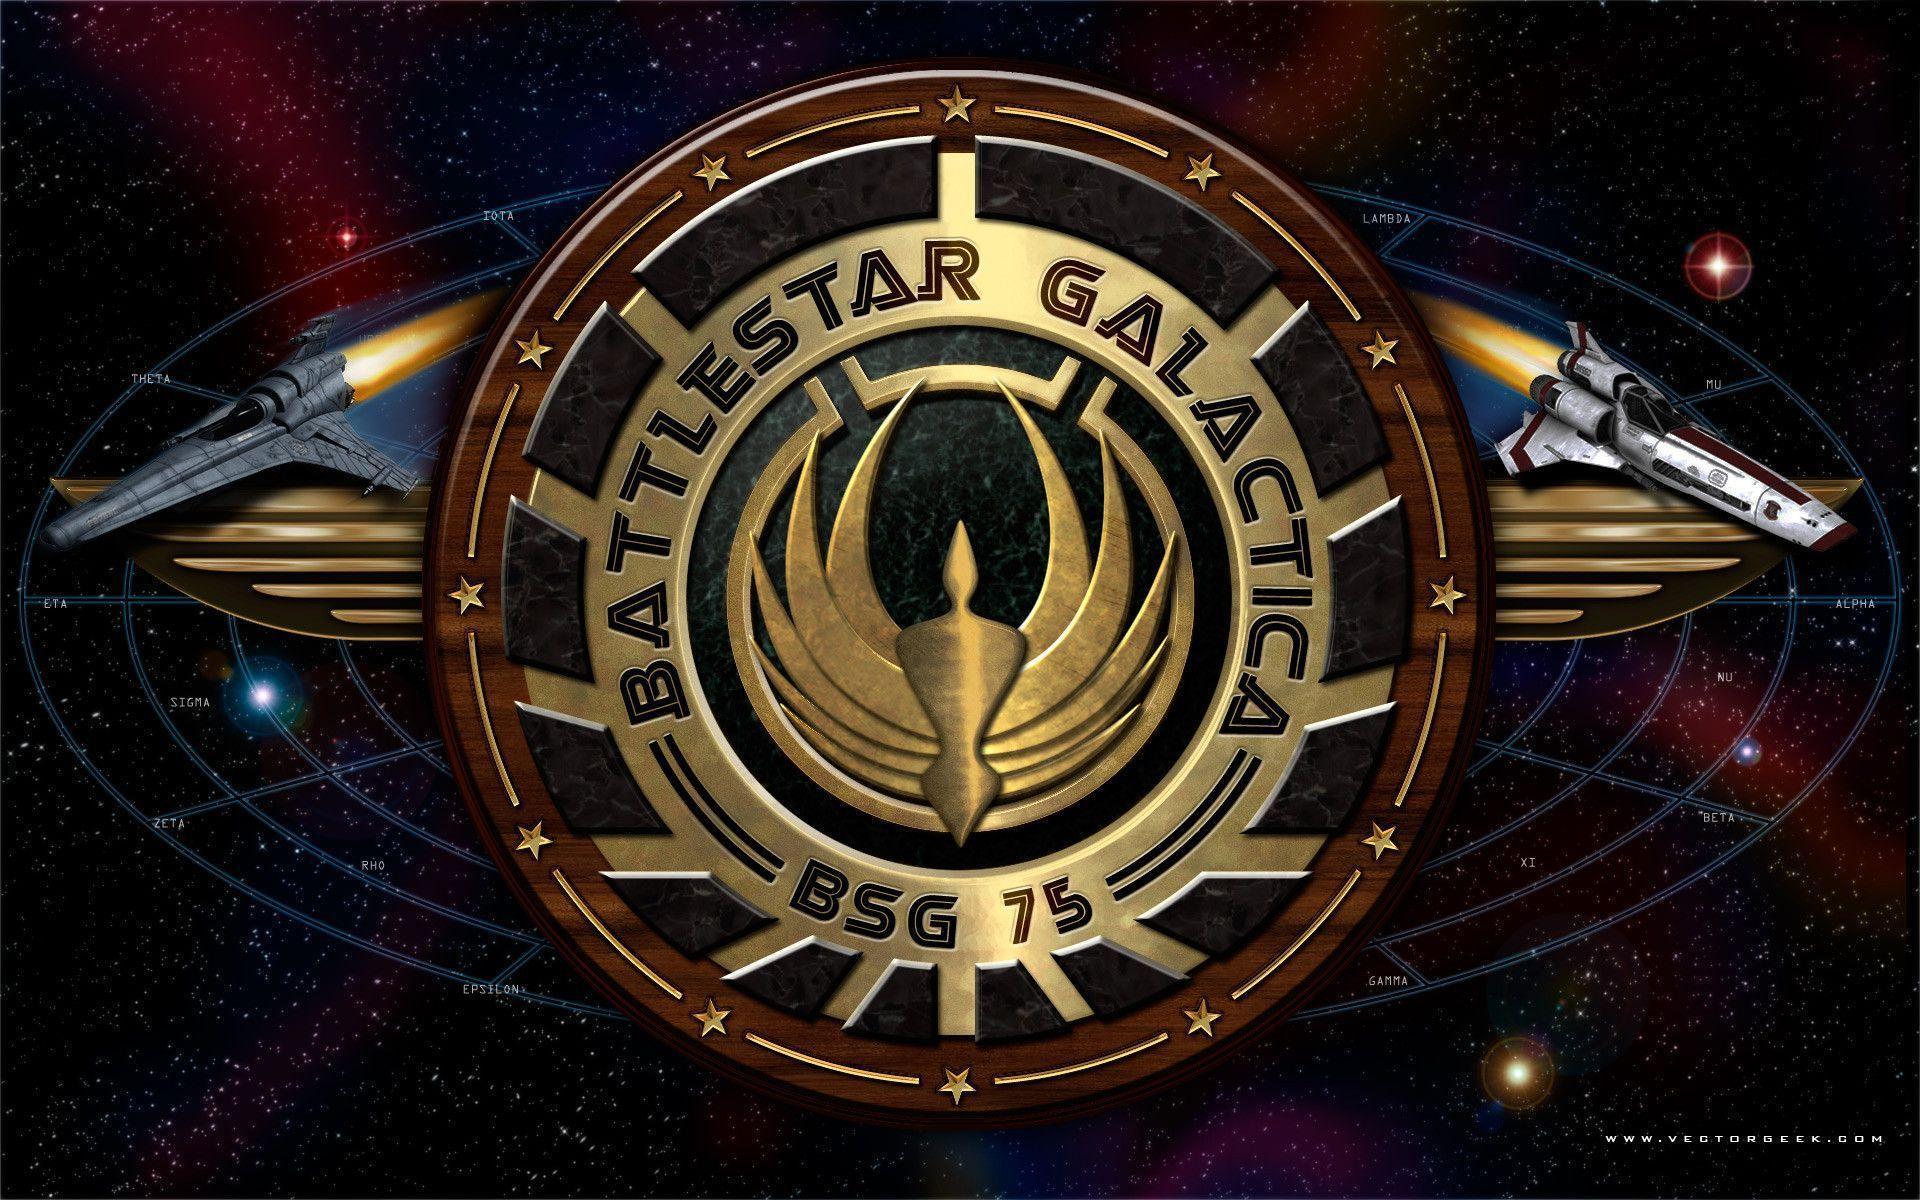 Battlestar Galactica Wallpapers Wallpaper Cave